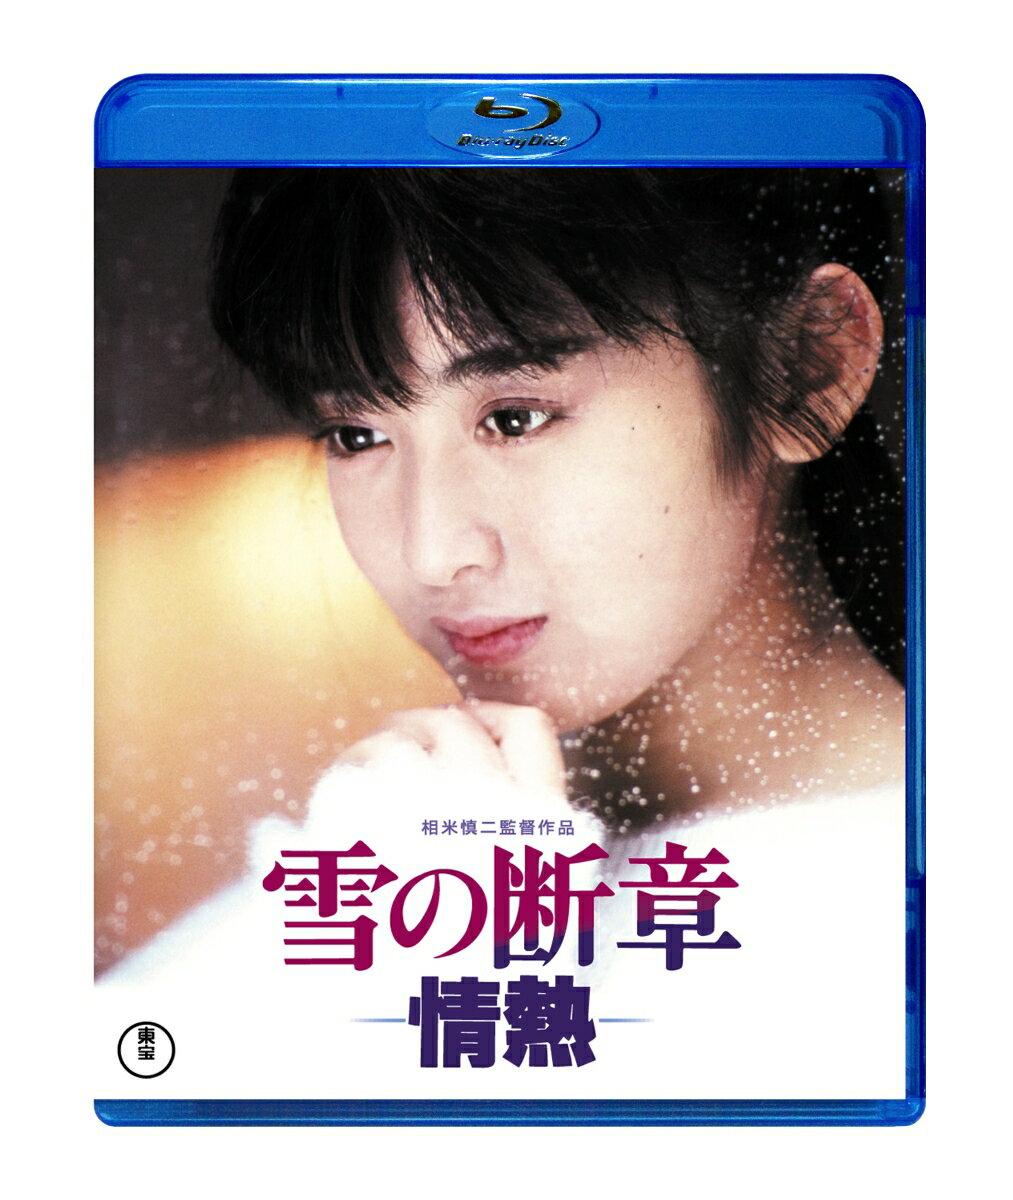 雪の断章ー情熱ー【Blu-ray】